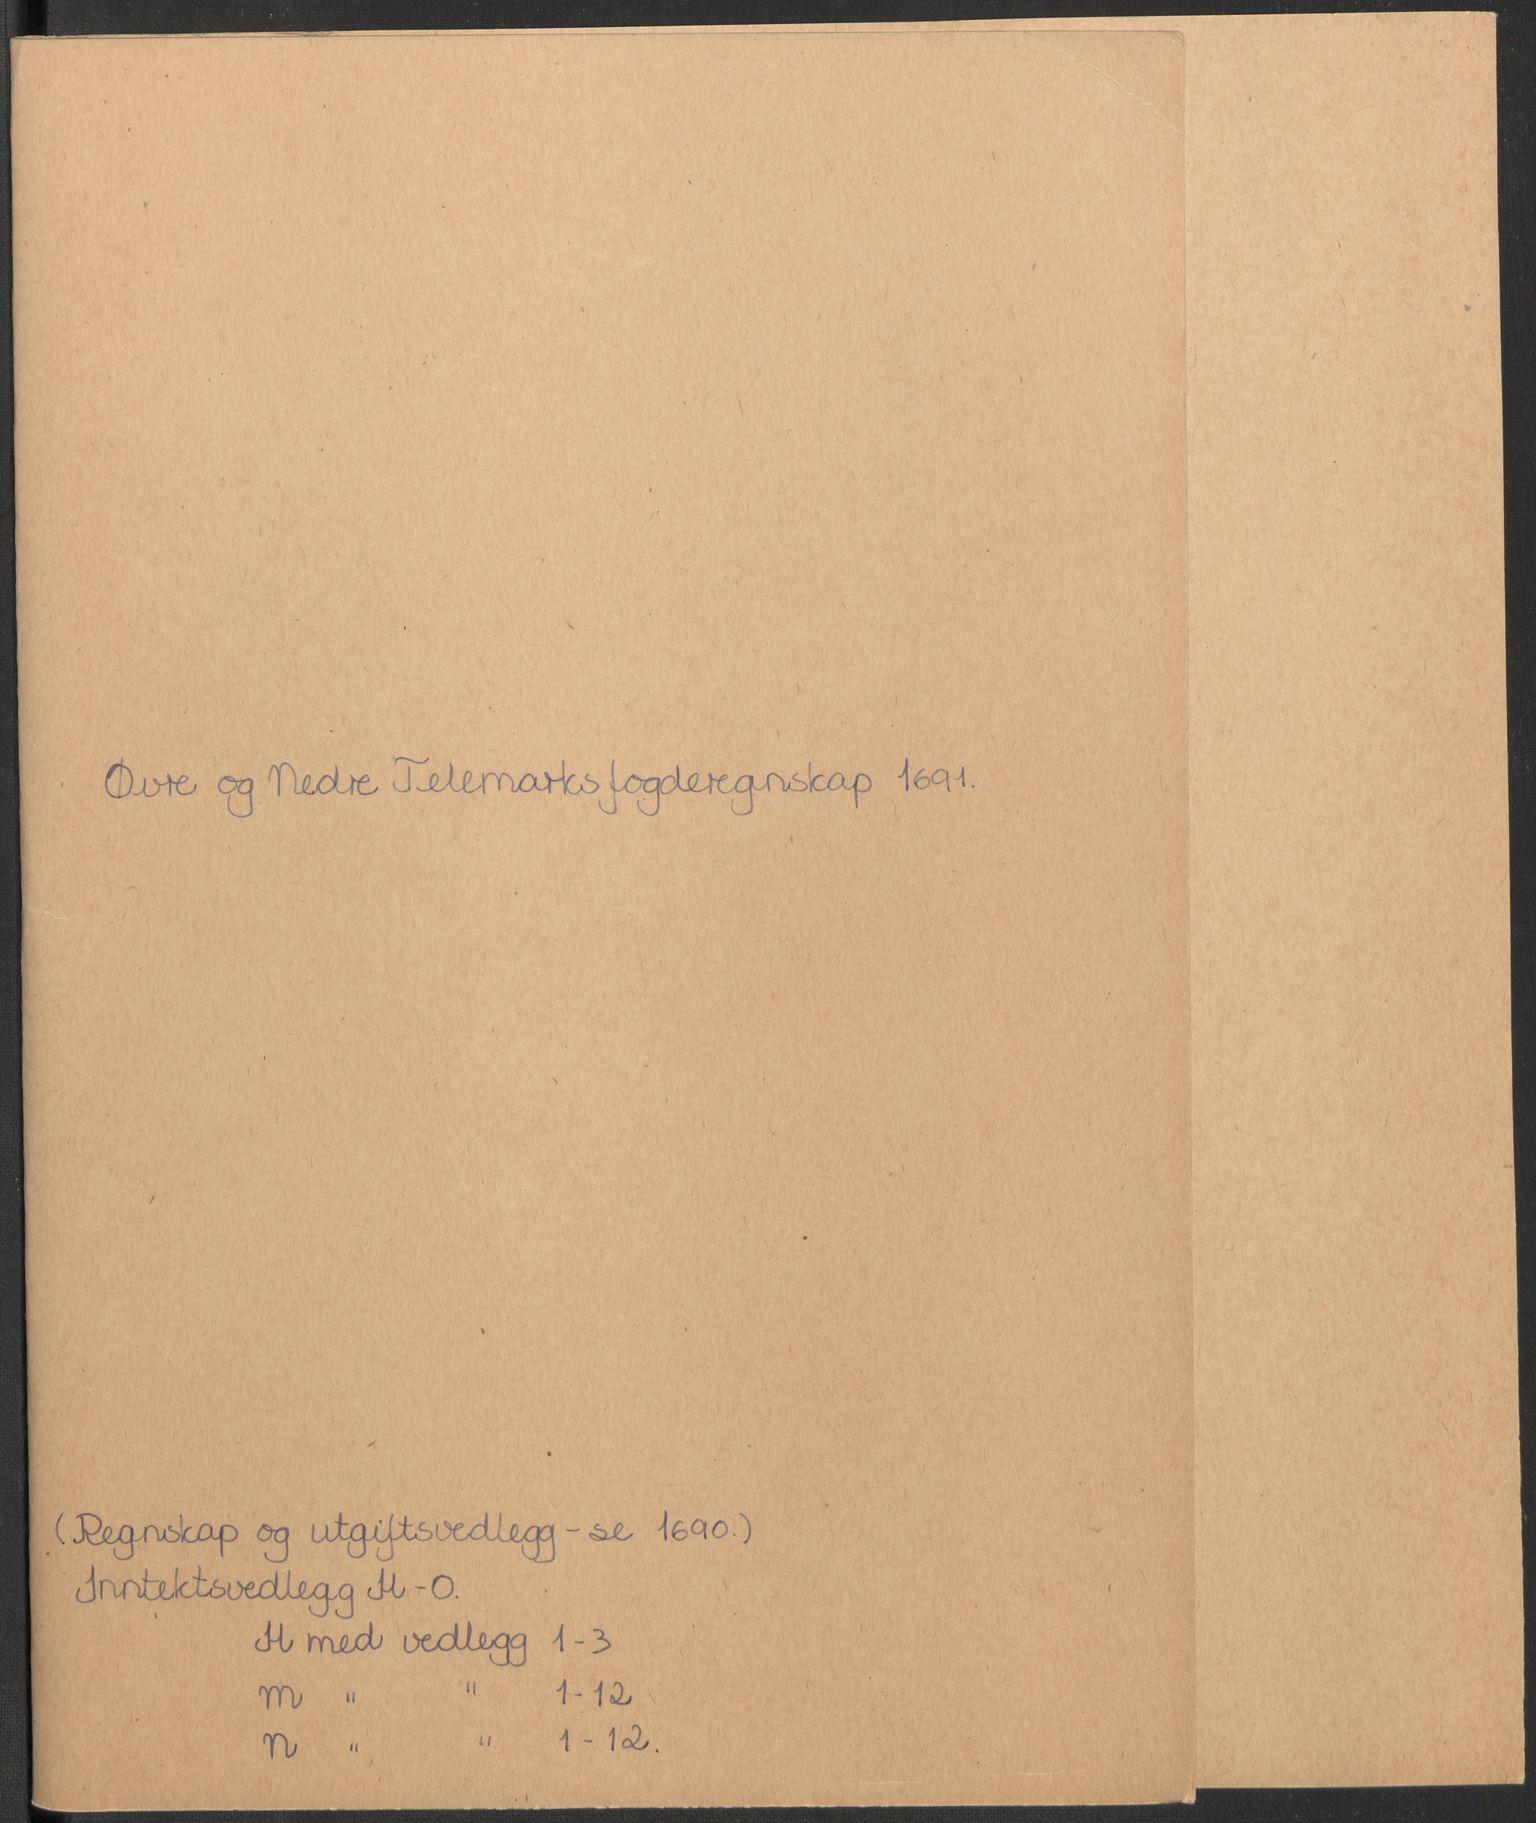 RA, Rentekammeret inntil 1814, Reviderte regnskaper, Fogderegnskap, R35/L2089: Fogderegnskap Øvre og Nedre Telemark, 1690-1692, s. 148